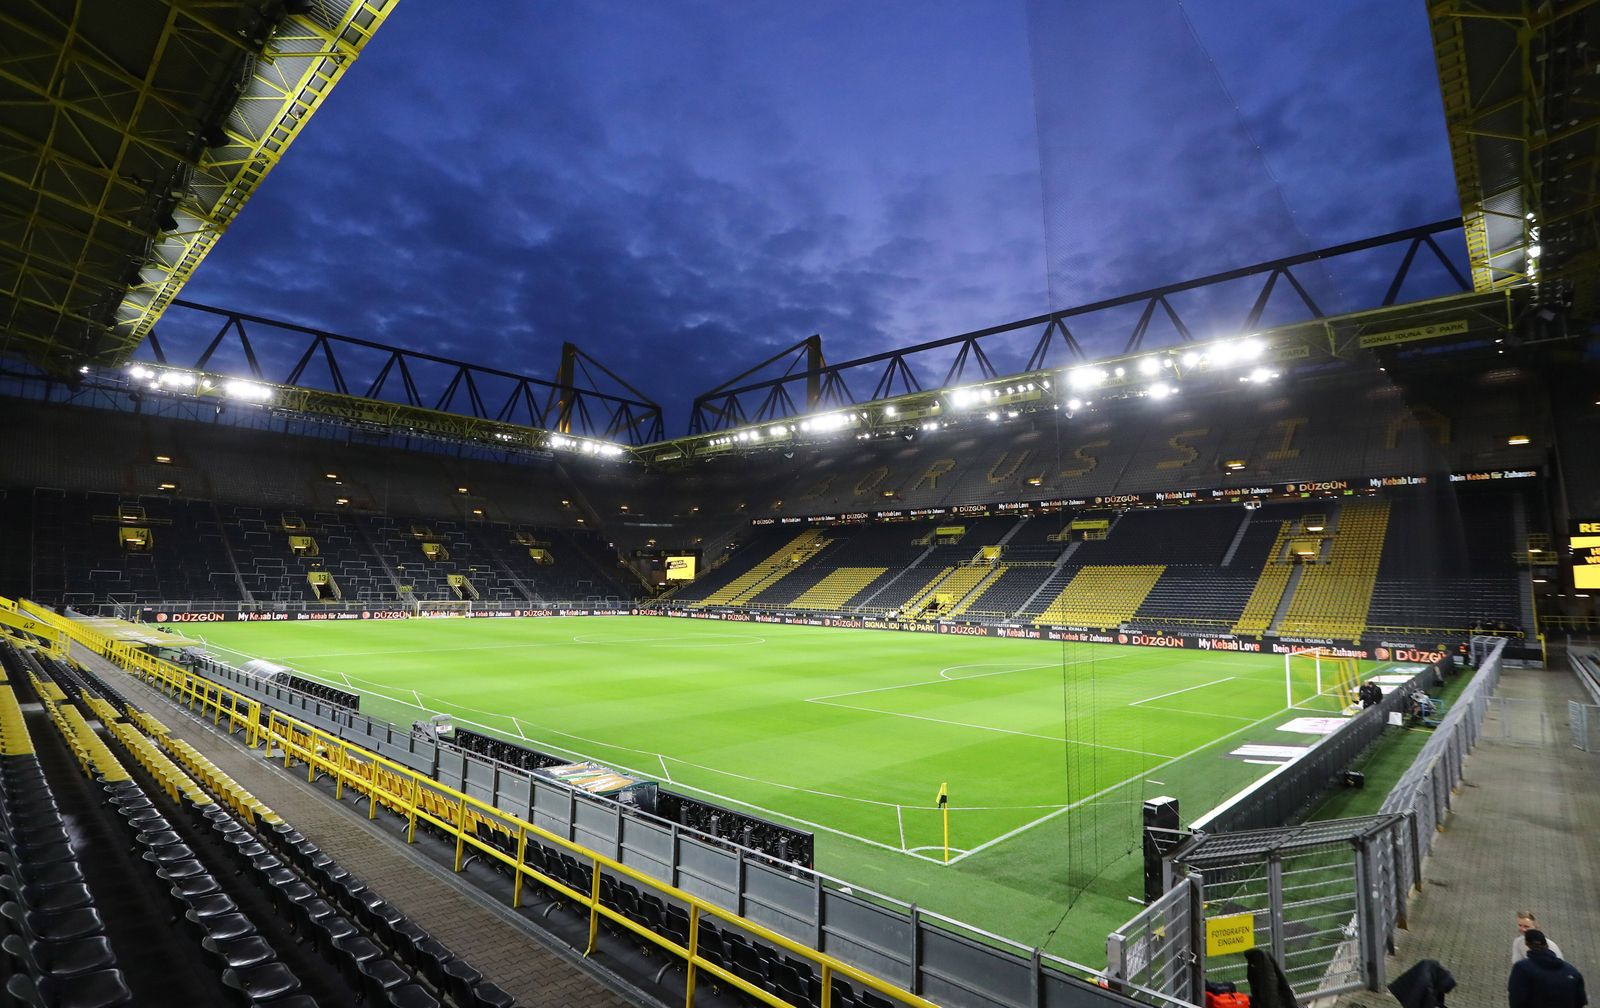 Dortmund - RB Leipzig / Fussball Bundesliga Dortmund, 17.12.2019, Signal Iduna Park, Fussball, BuLi, 16.Spieltag. , BVB